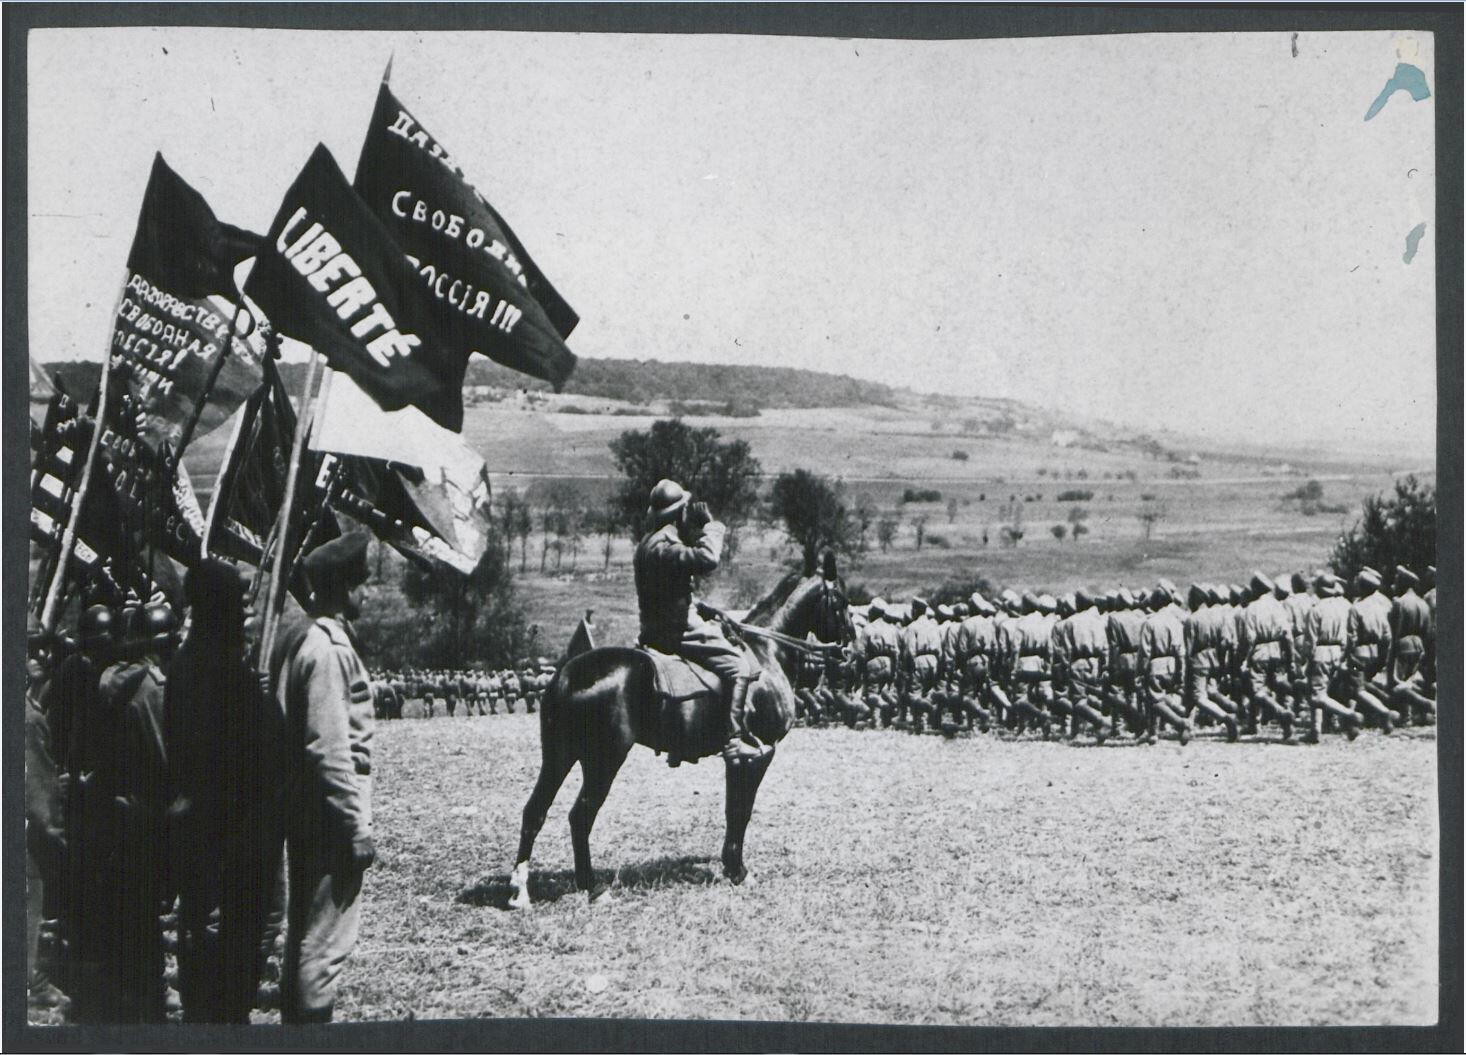 Манифестация в мае 1917 года, лагерь Ла-Куртин, фотография, переизданная в 1960-1970-х